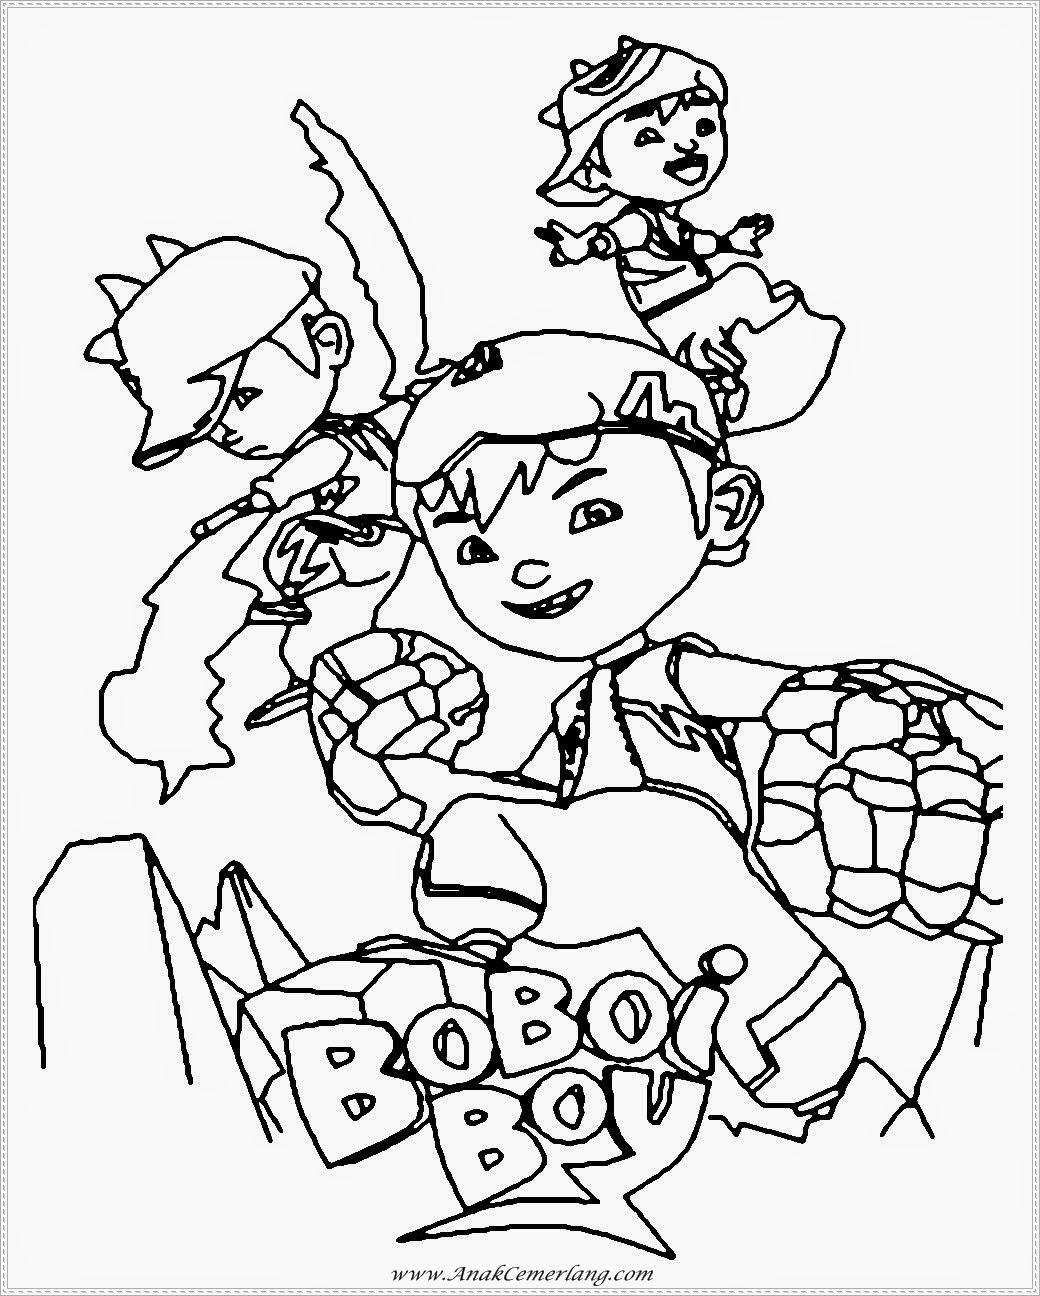 gambar hitam putih sketsa boboiboy